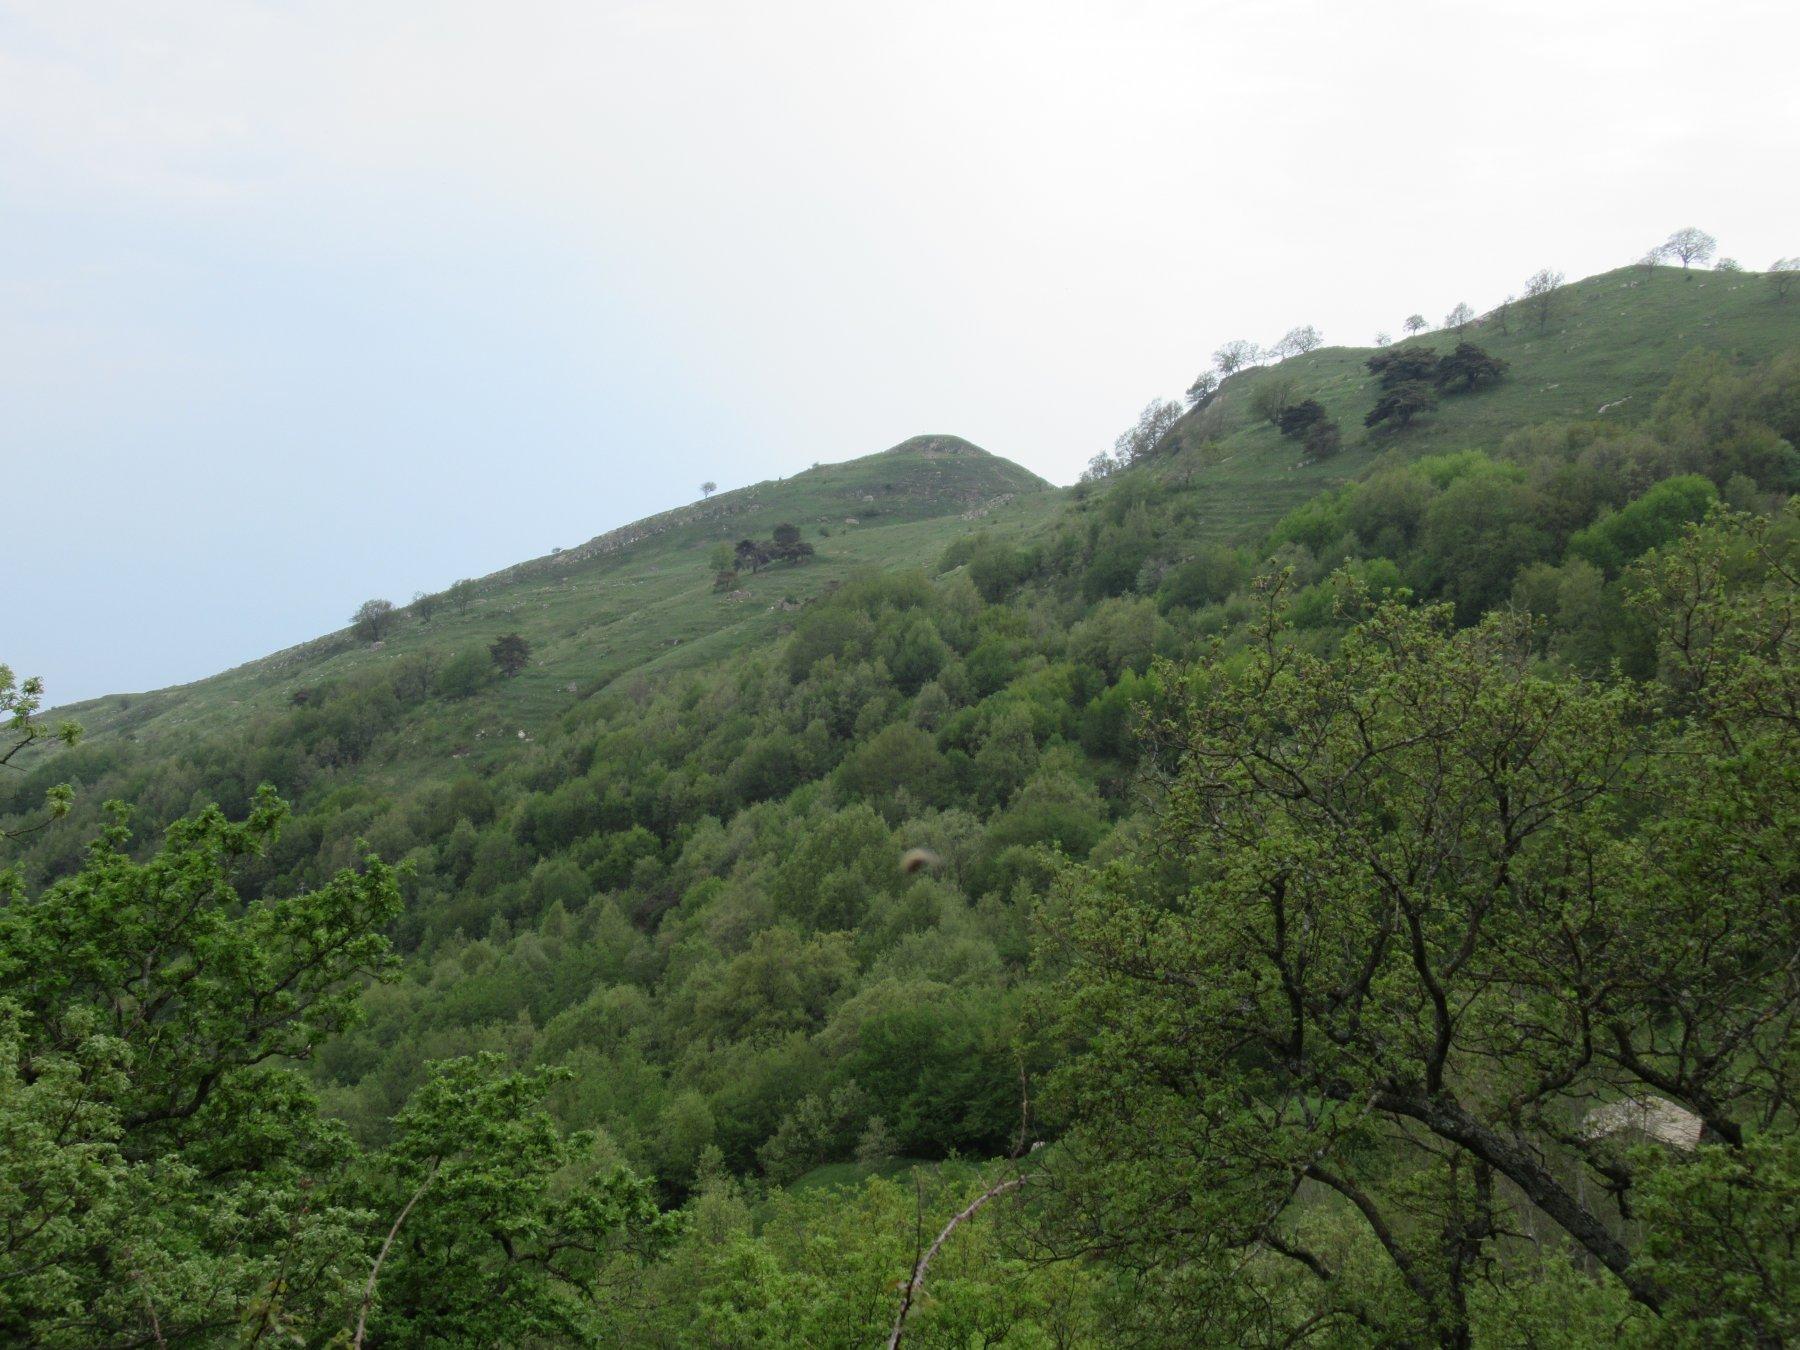 Monte Follia visto nella discesa verso Passo Bastia e Santa Brigida.